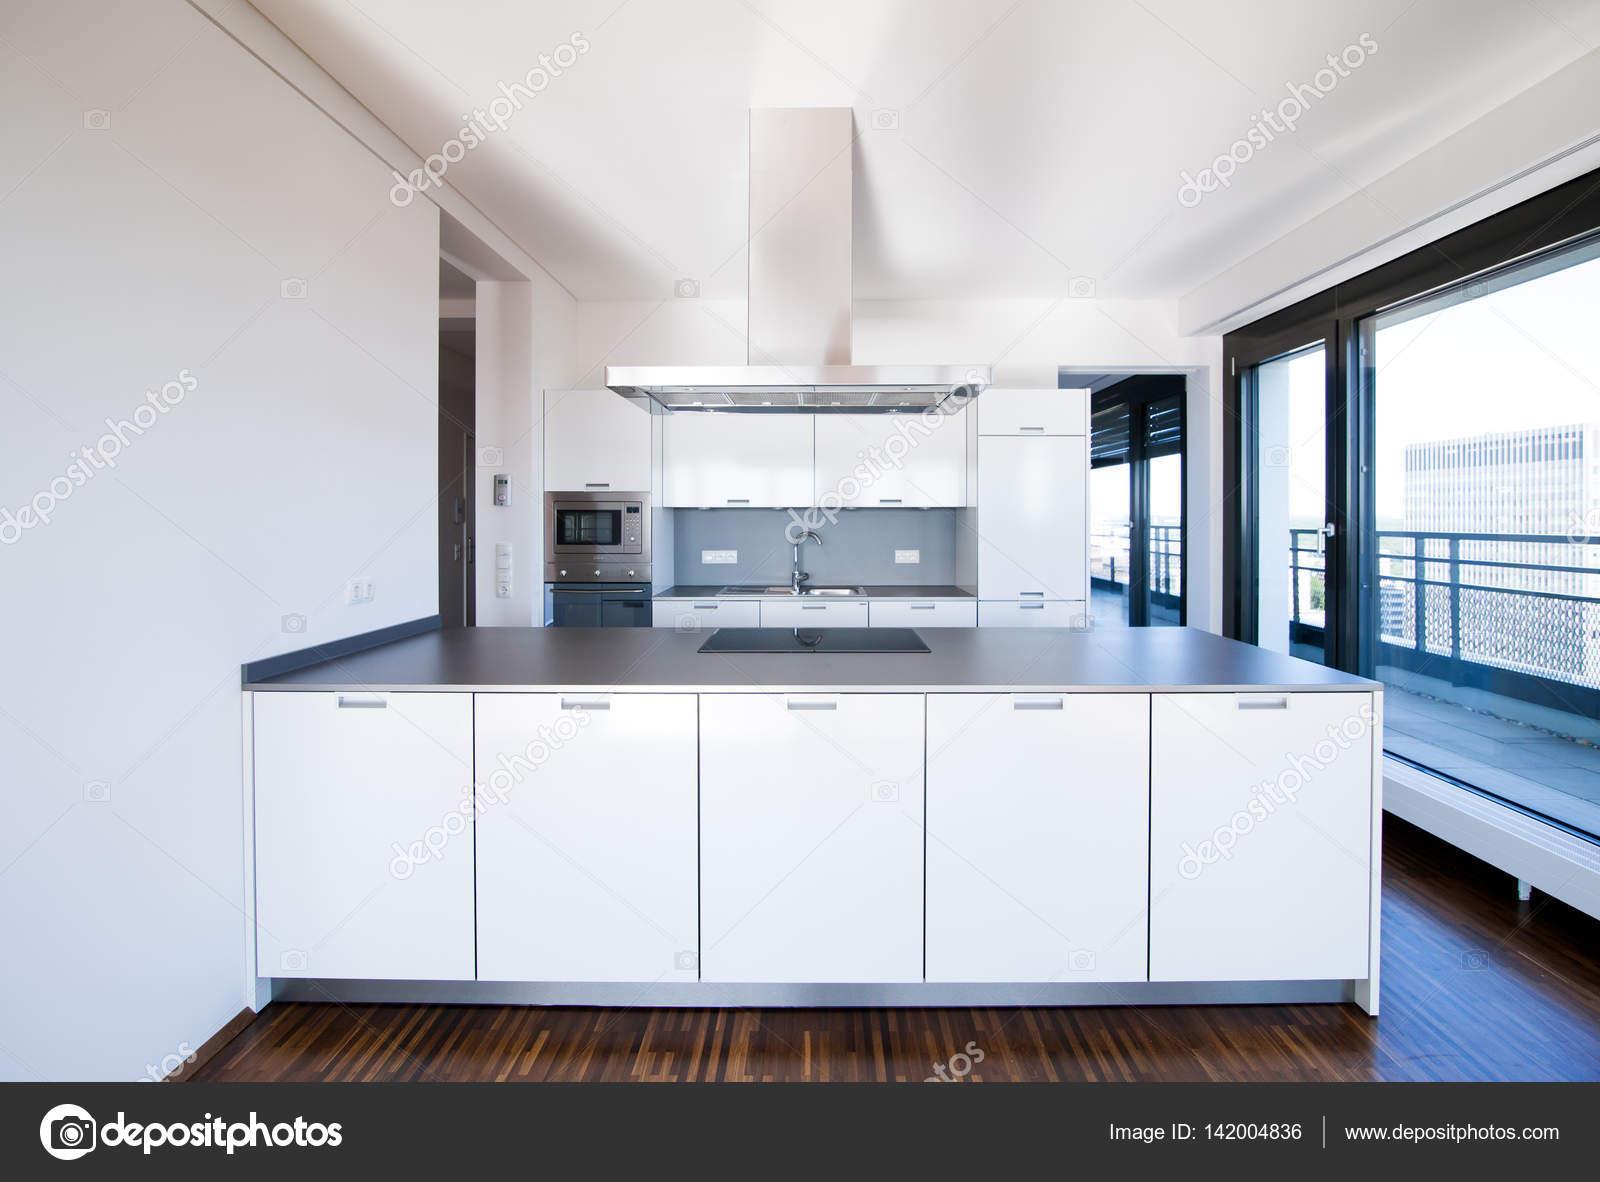 Minimalistische keuken interieur u stockfoto telesniuk